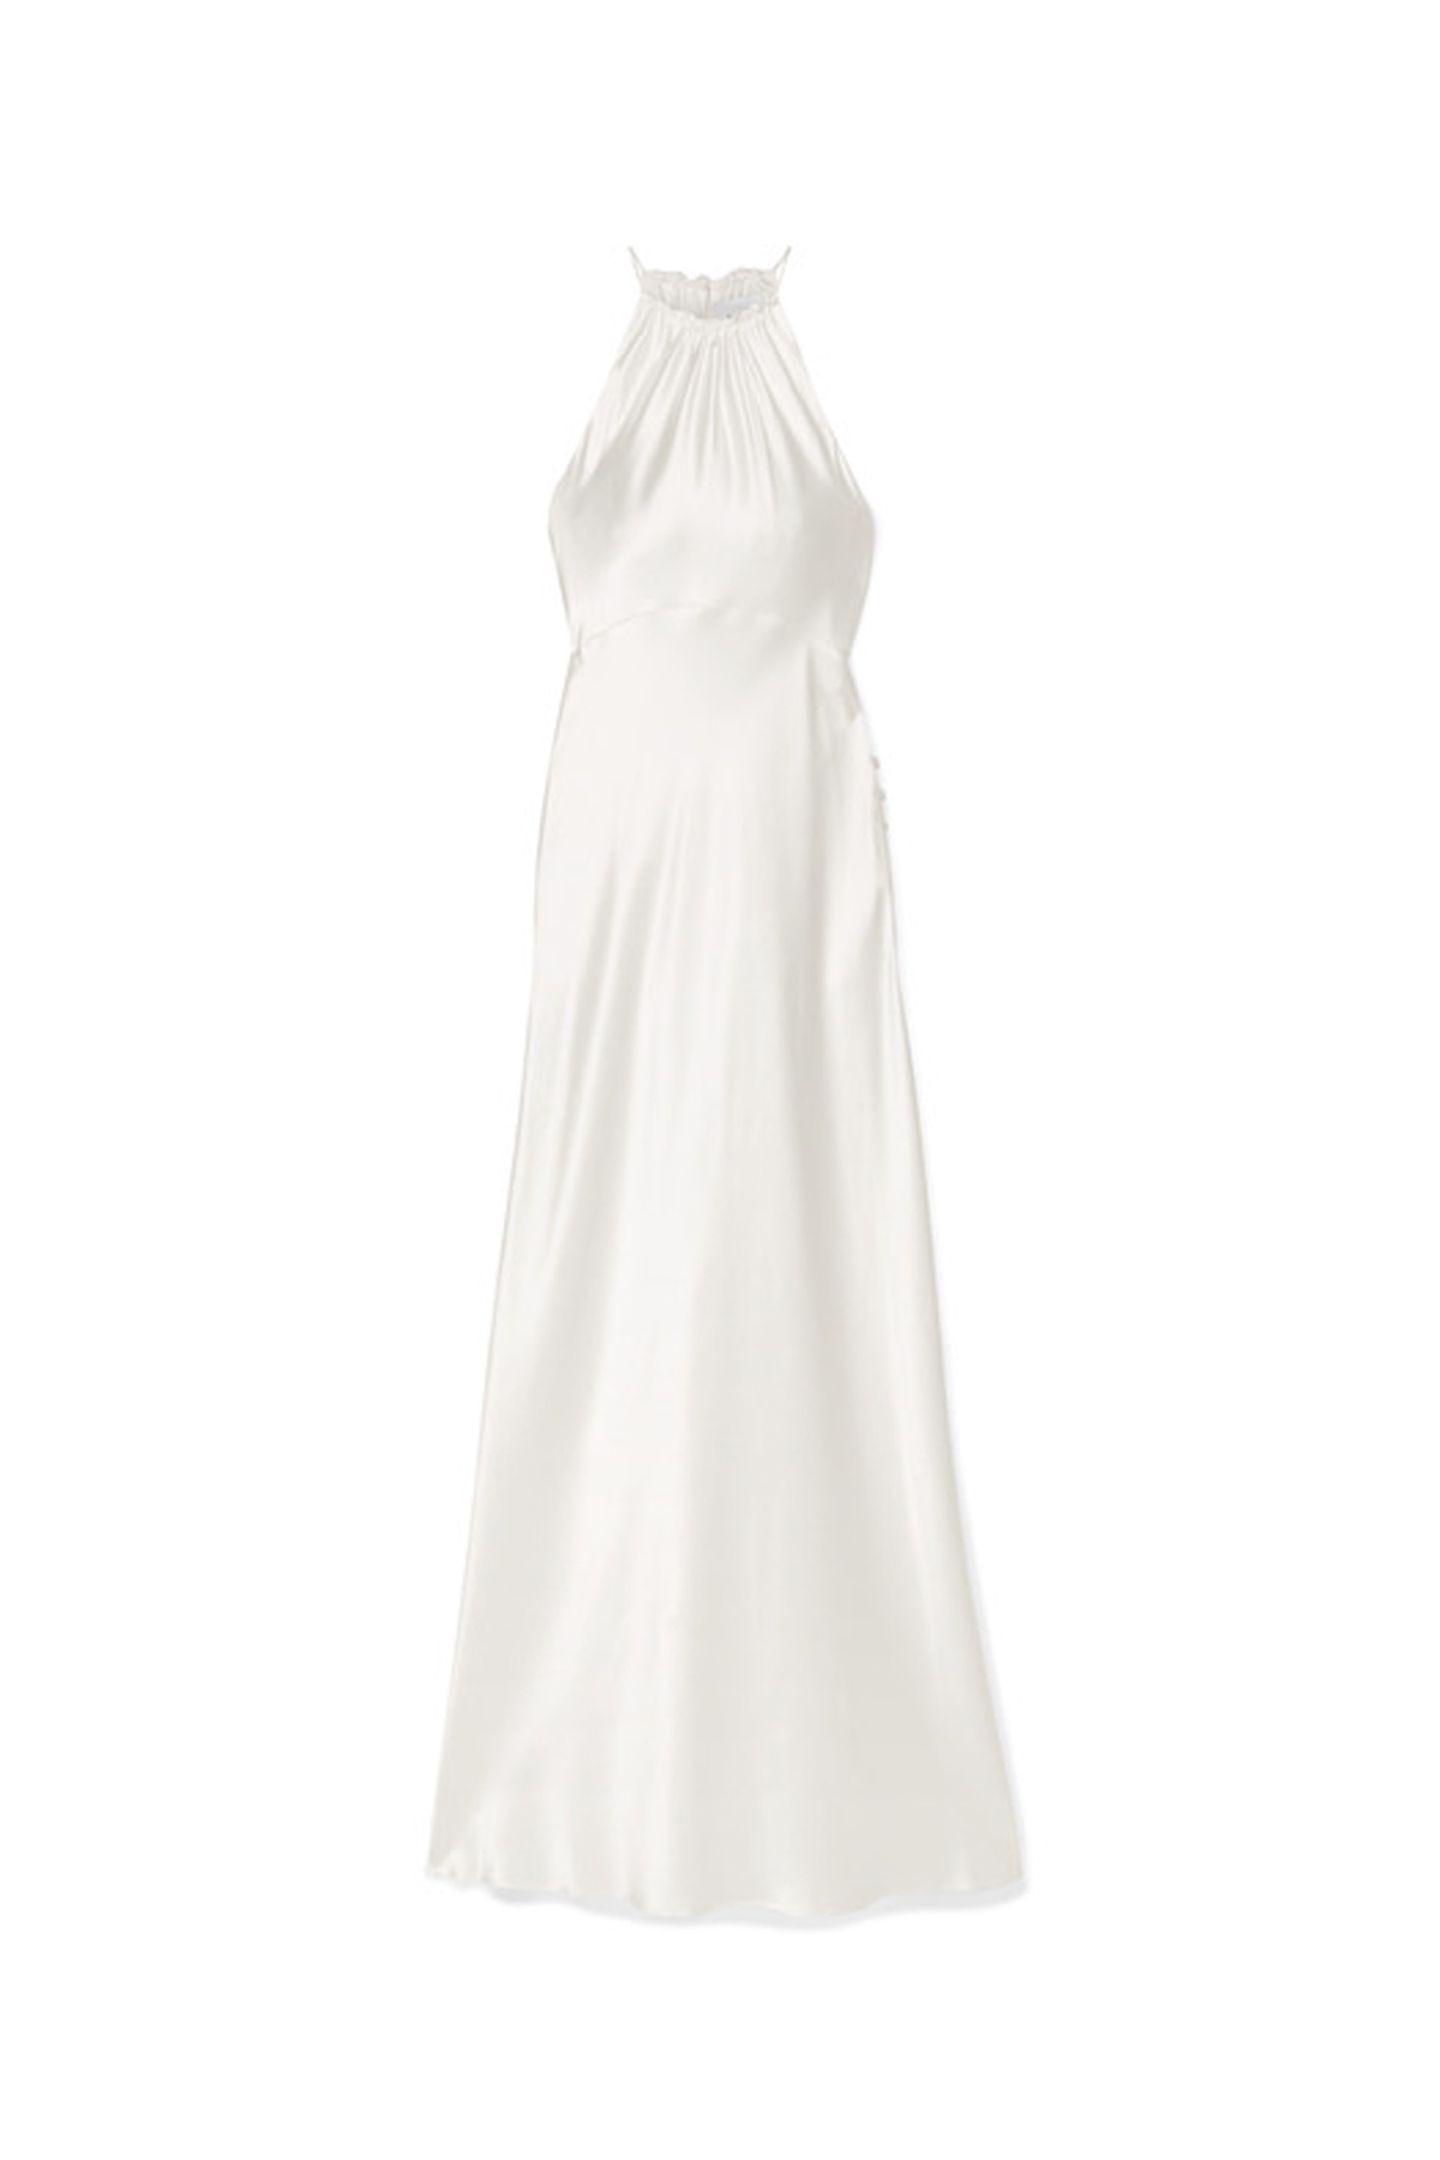 Verlängern Sie das Hochzeitshoch und werden Sie zum Star des Candle-Light-Dinners mit diesem elegantenNeckholder-Dress.Seidenkleid vonLes Rêveries überNet-a-Porter, ca. 1030 Euro